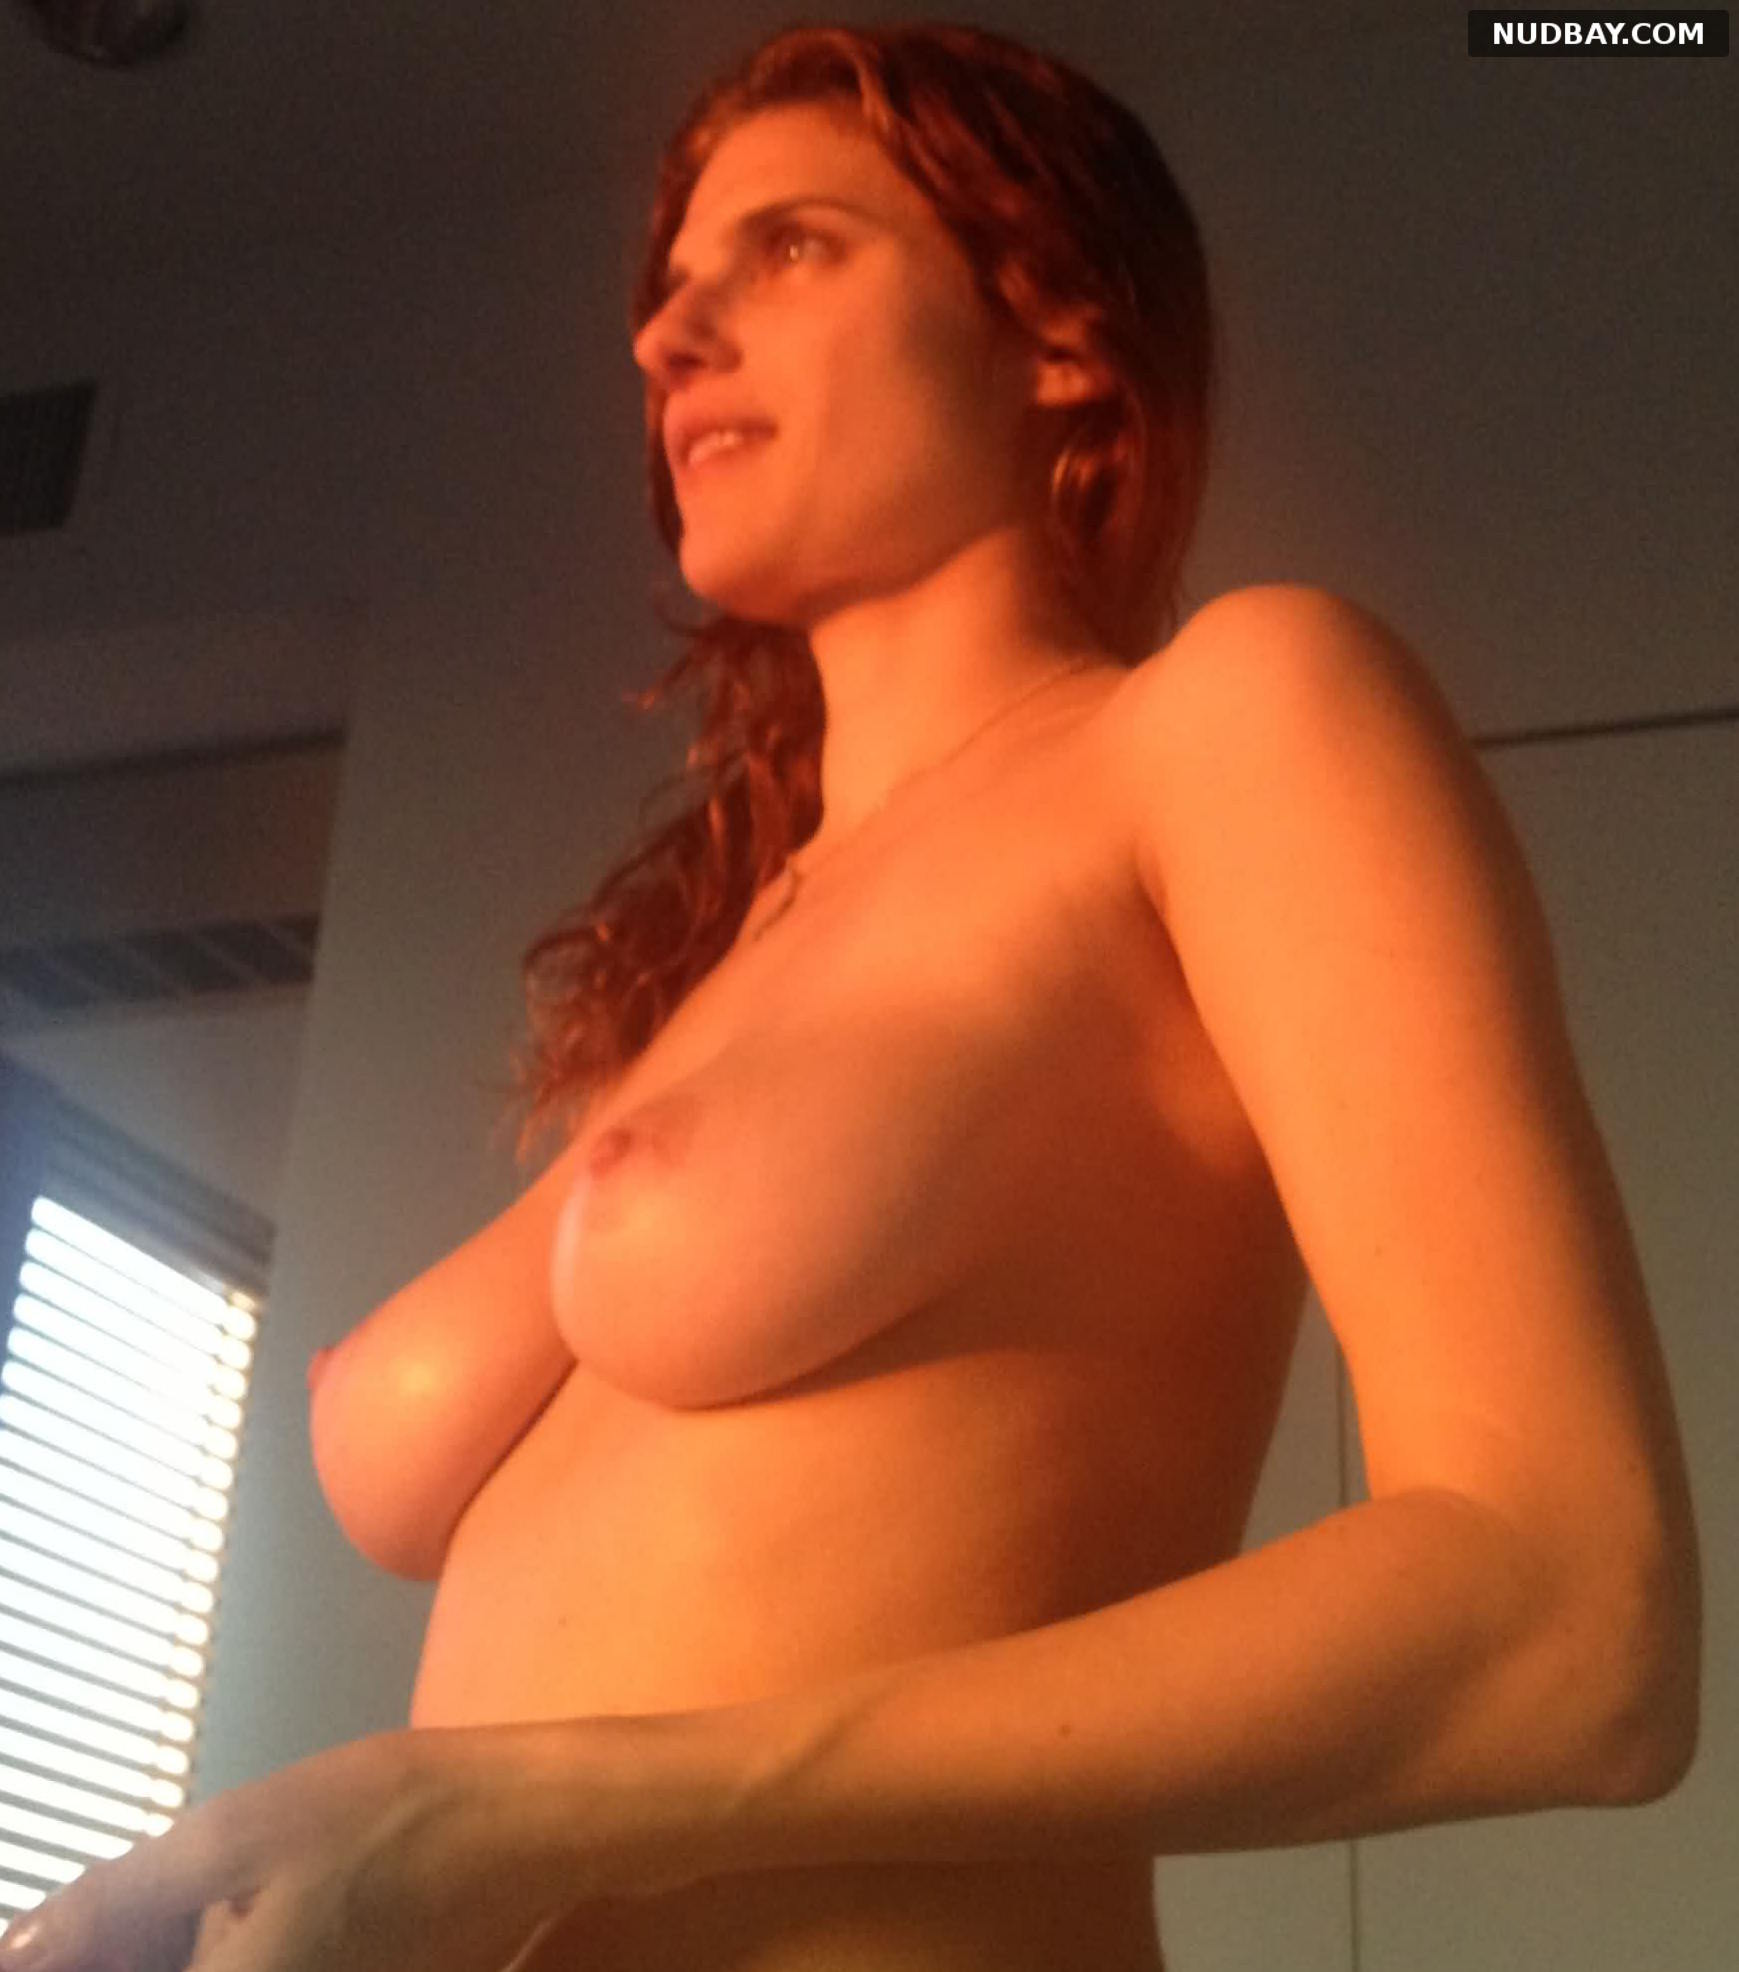 Lake Bell nude big boobs